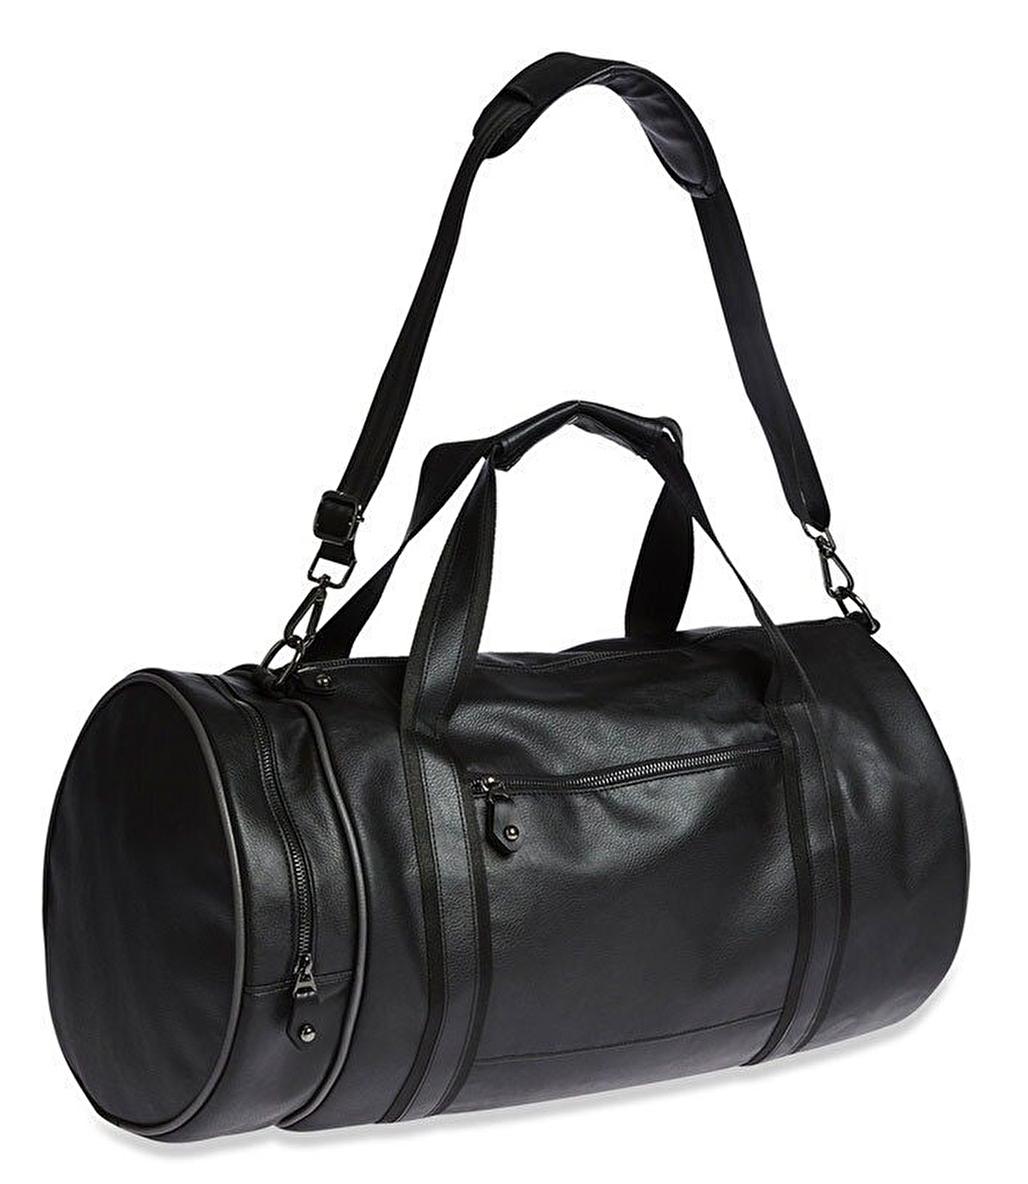 Kasguru Everyday Duffle Bag